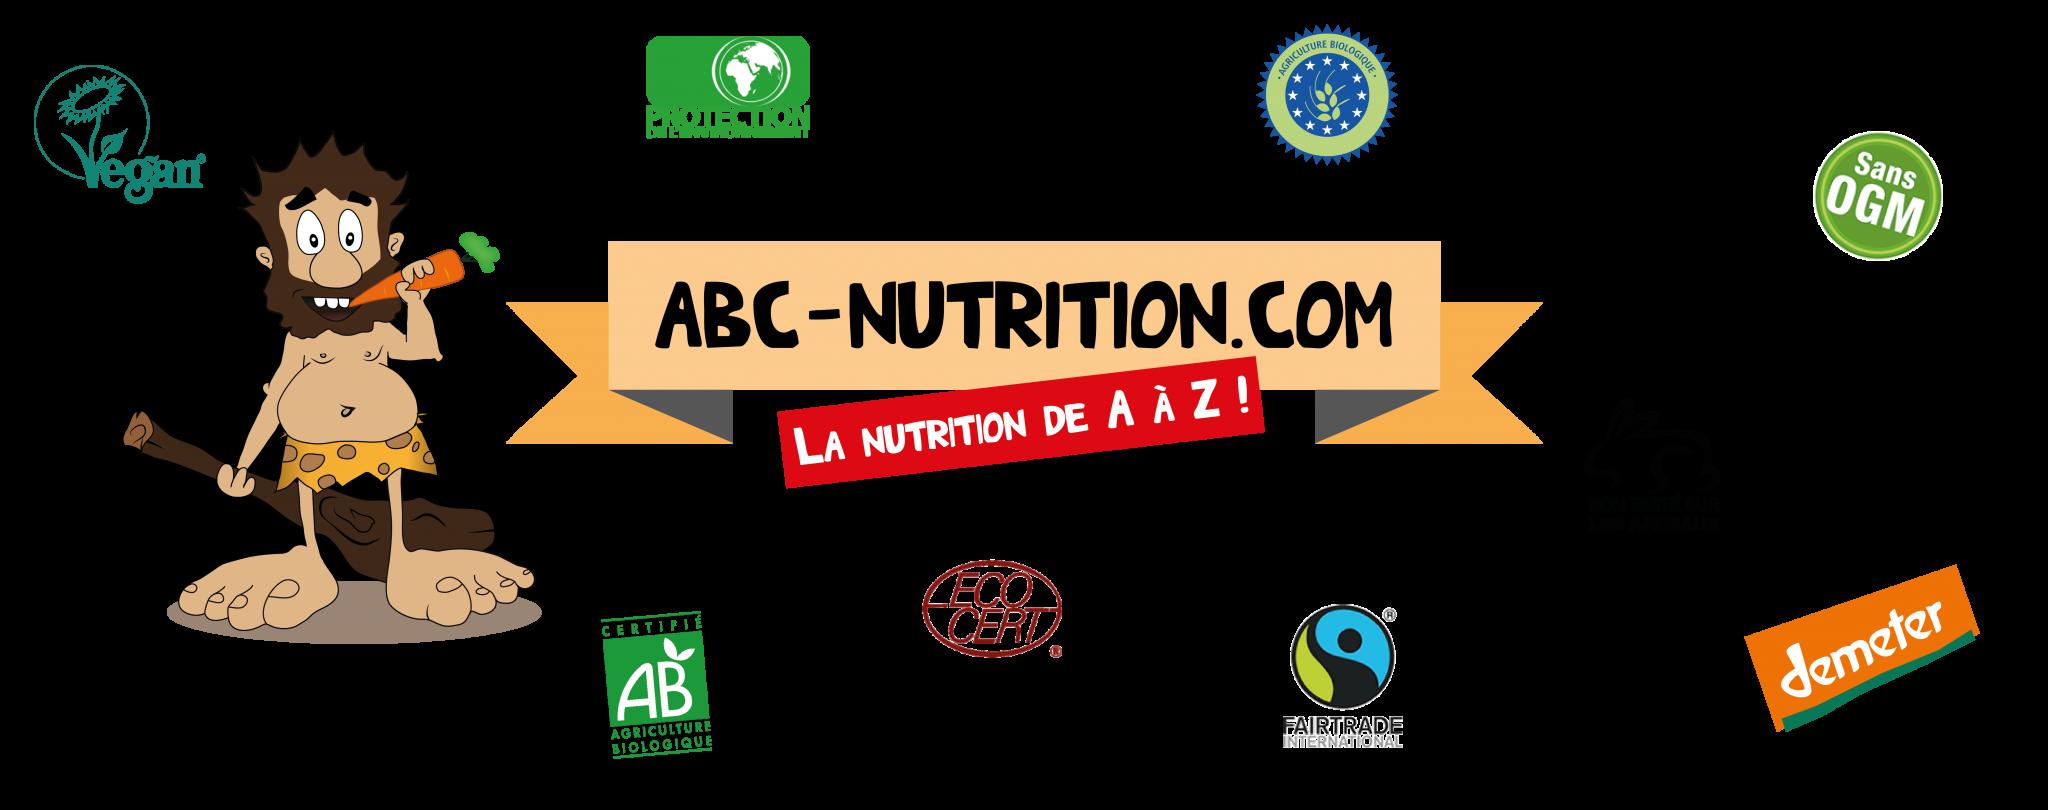 abc-nutrition